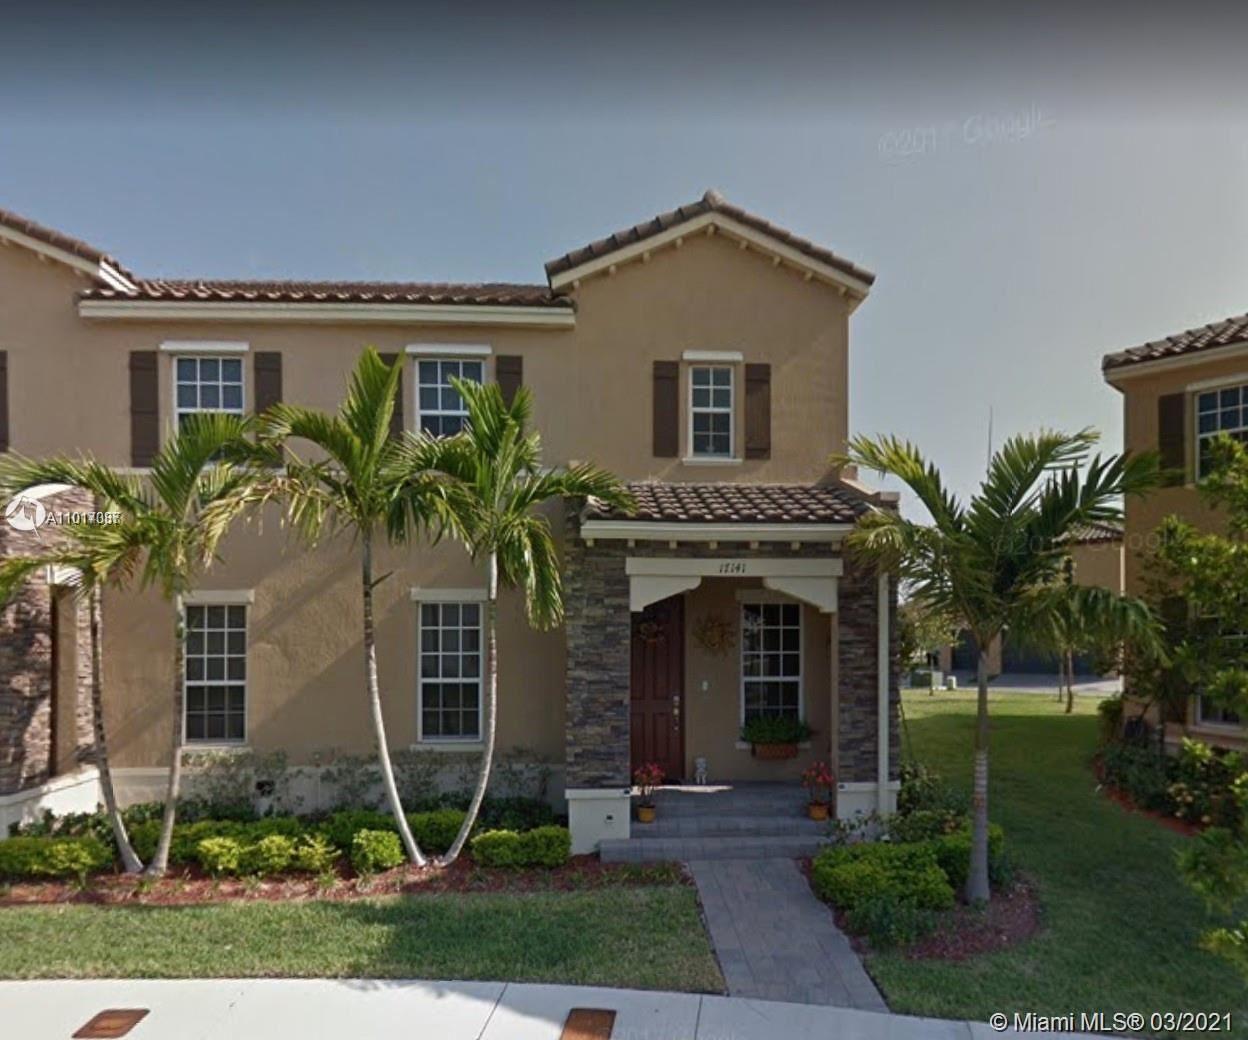 17141 SW 94 st, Miami, FL 33196 - #: A11017087